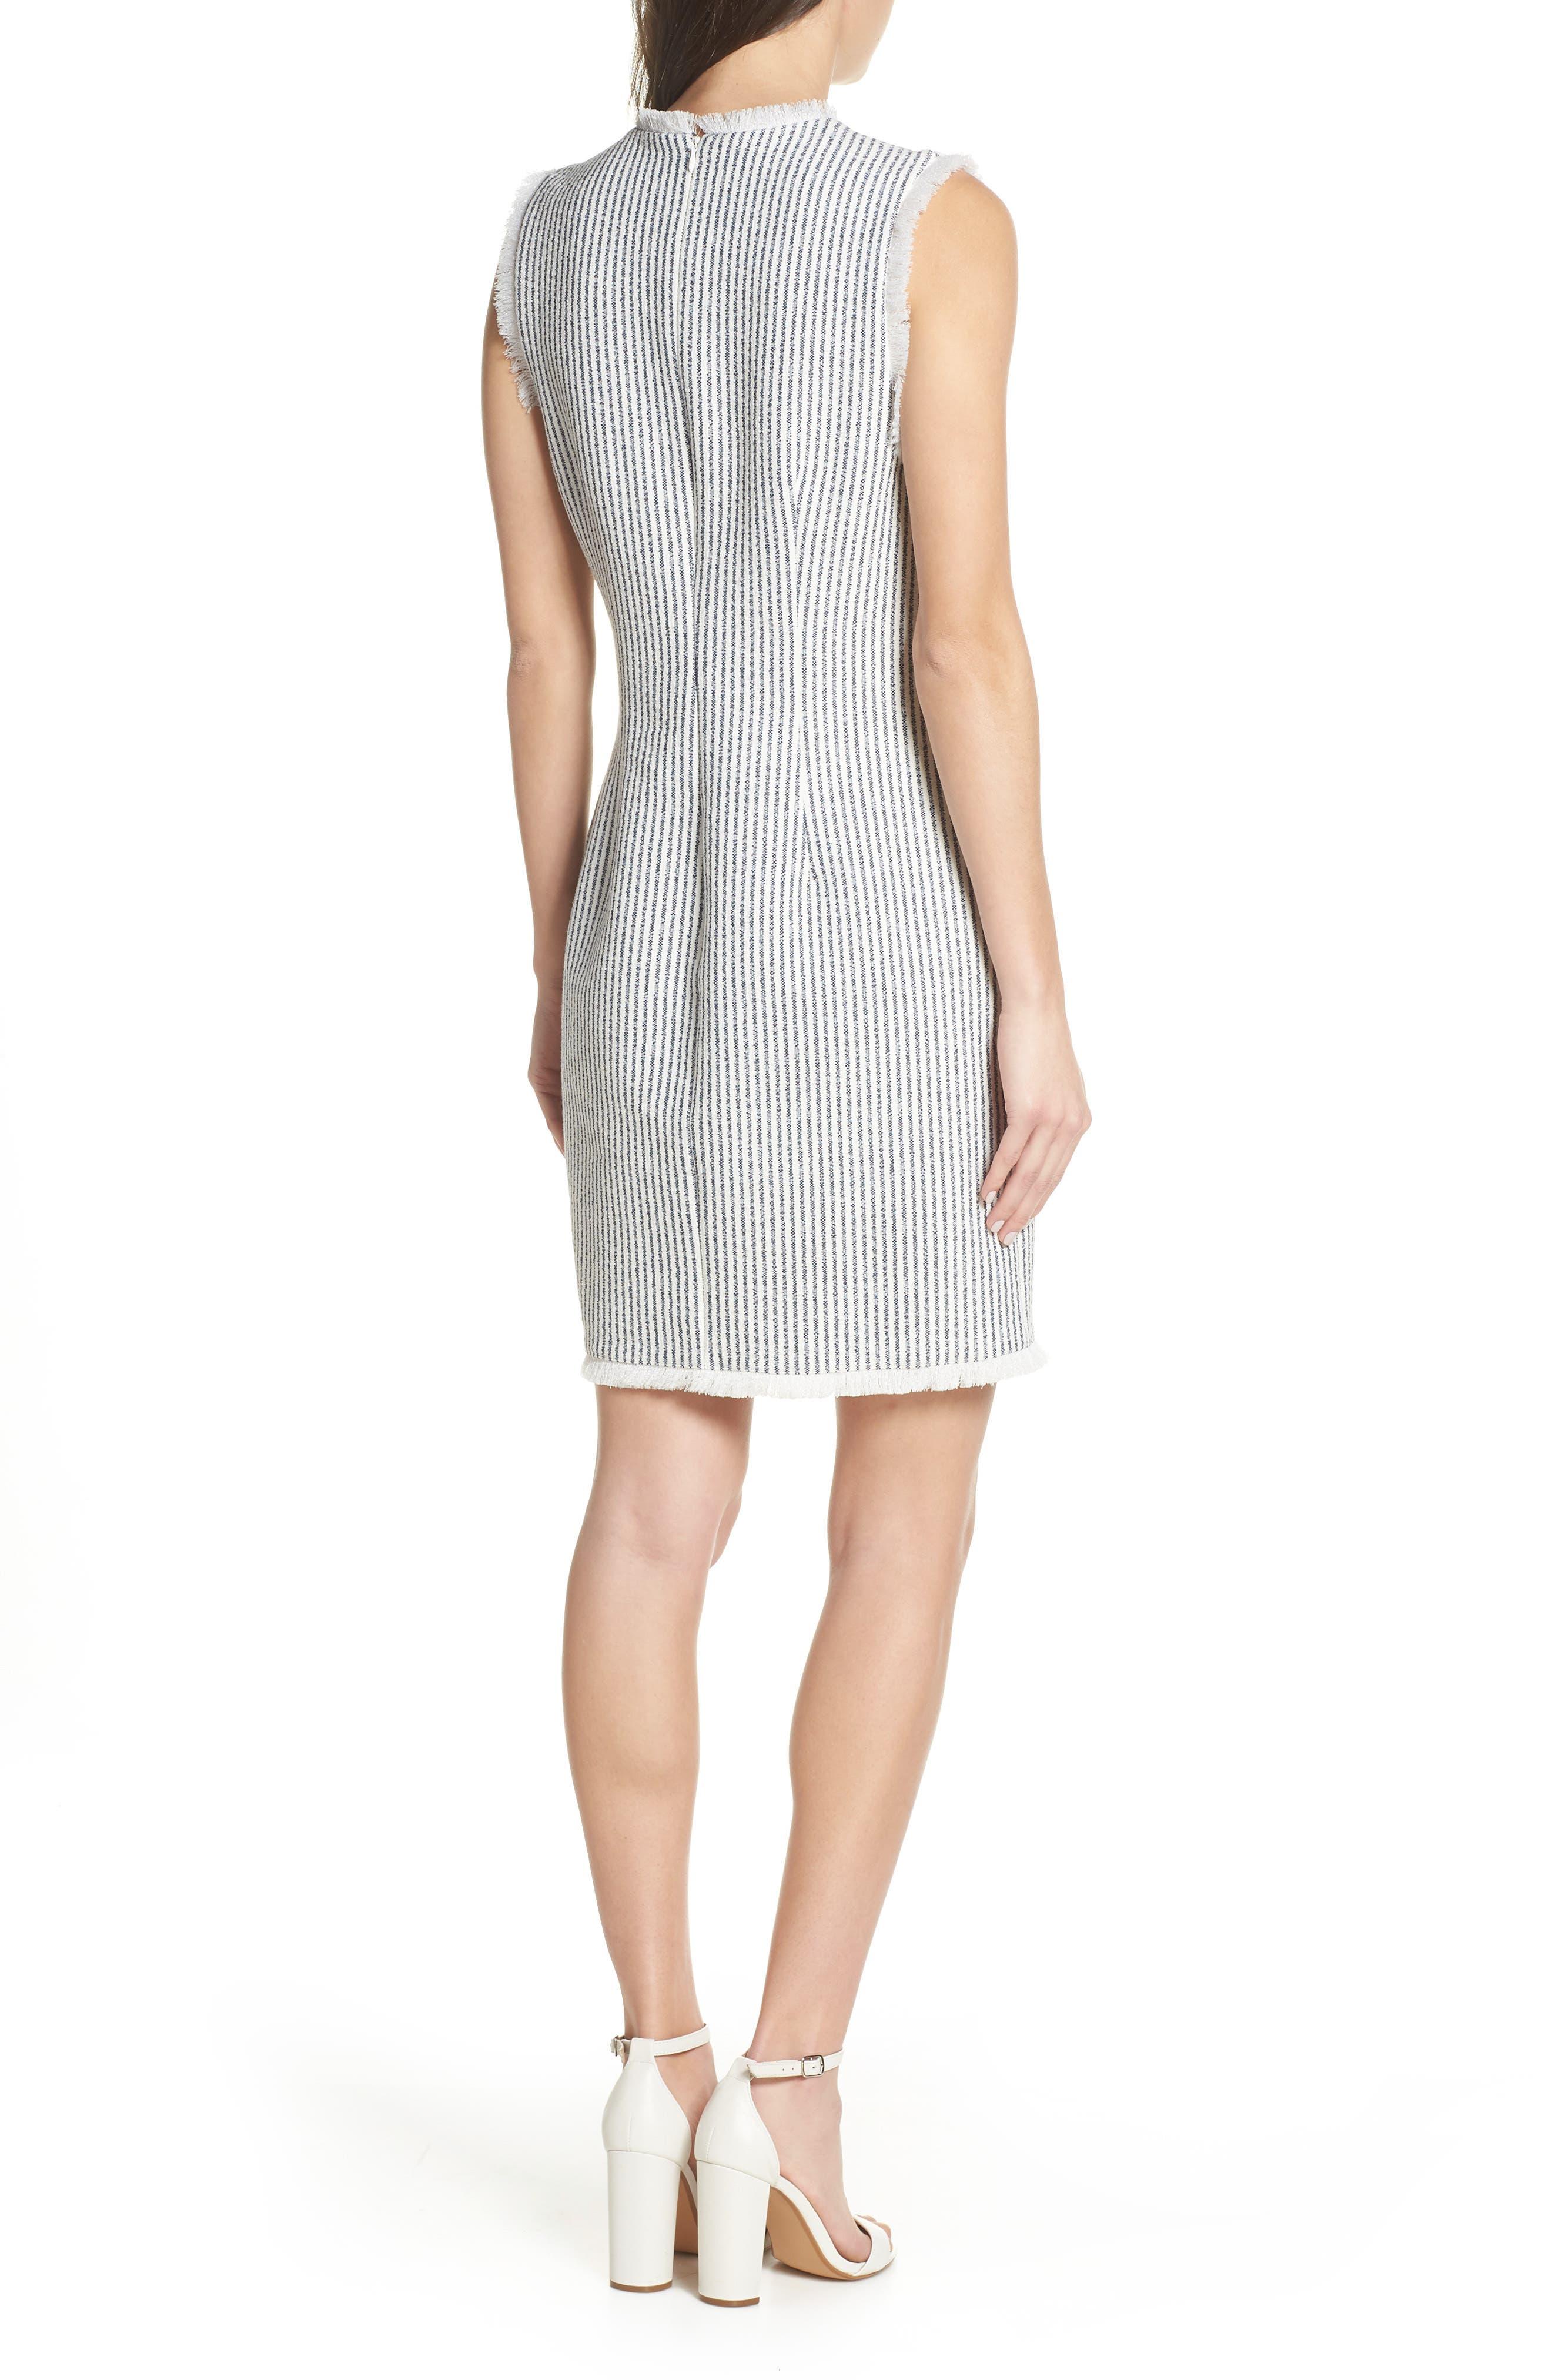 CHARLES HENRY, Fringe Trim Stripe Shift Dress, Alternate thumbnail 2, color, NAVY WHITE STRIPE